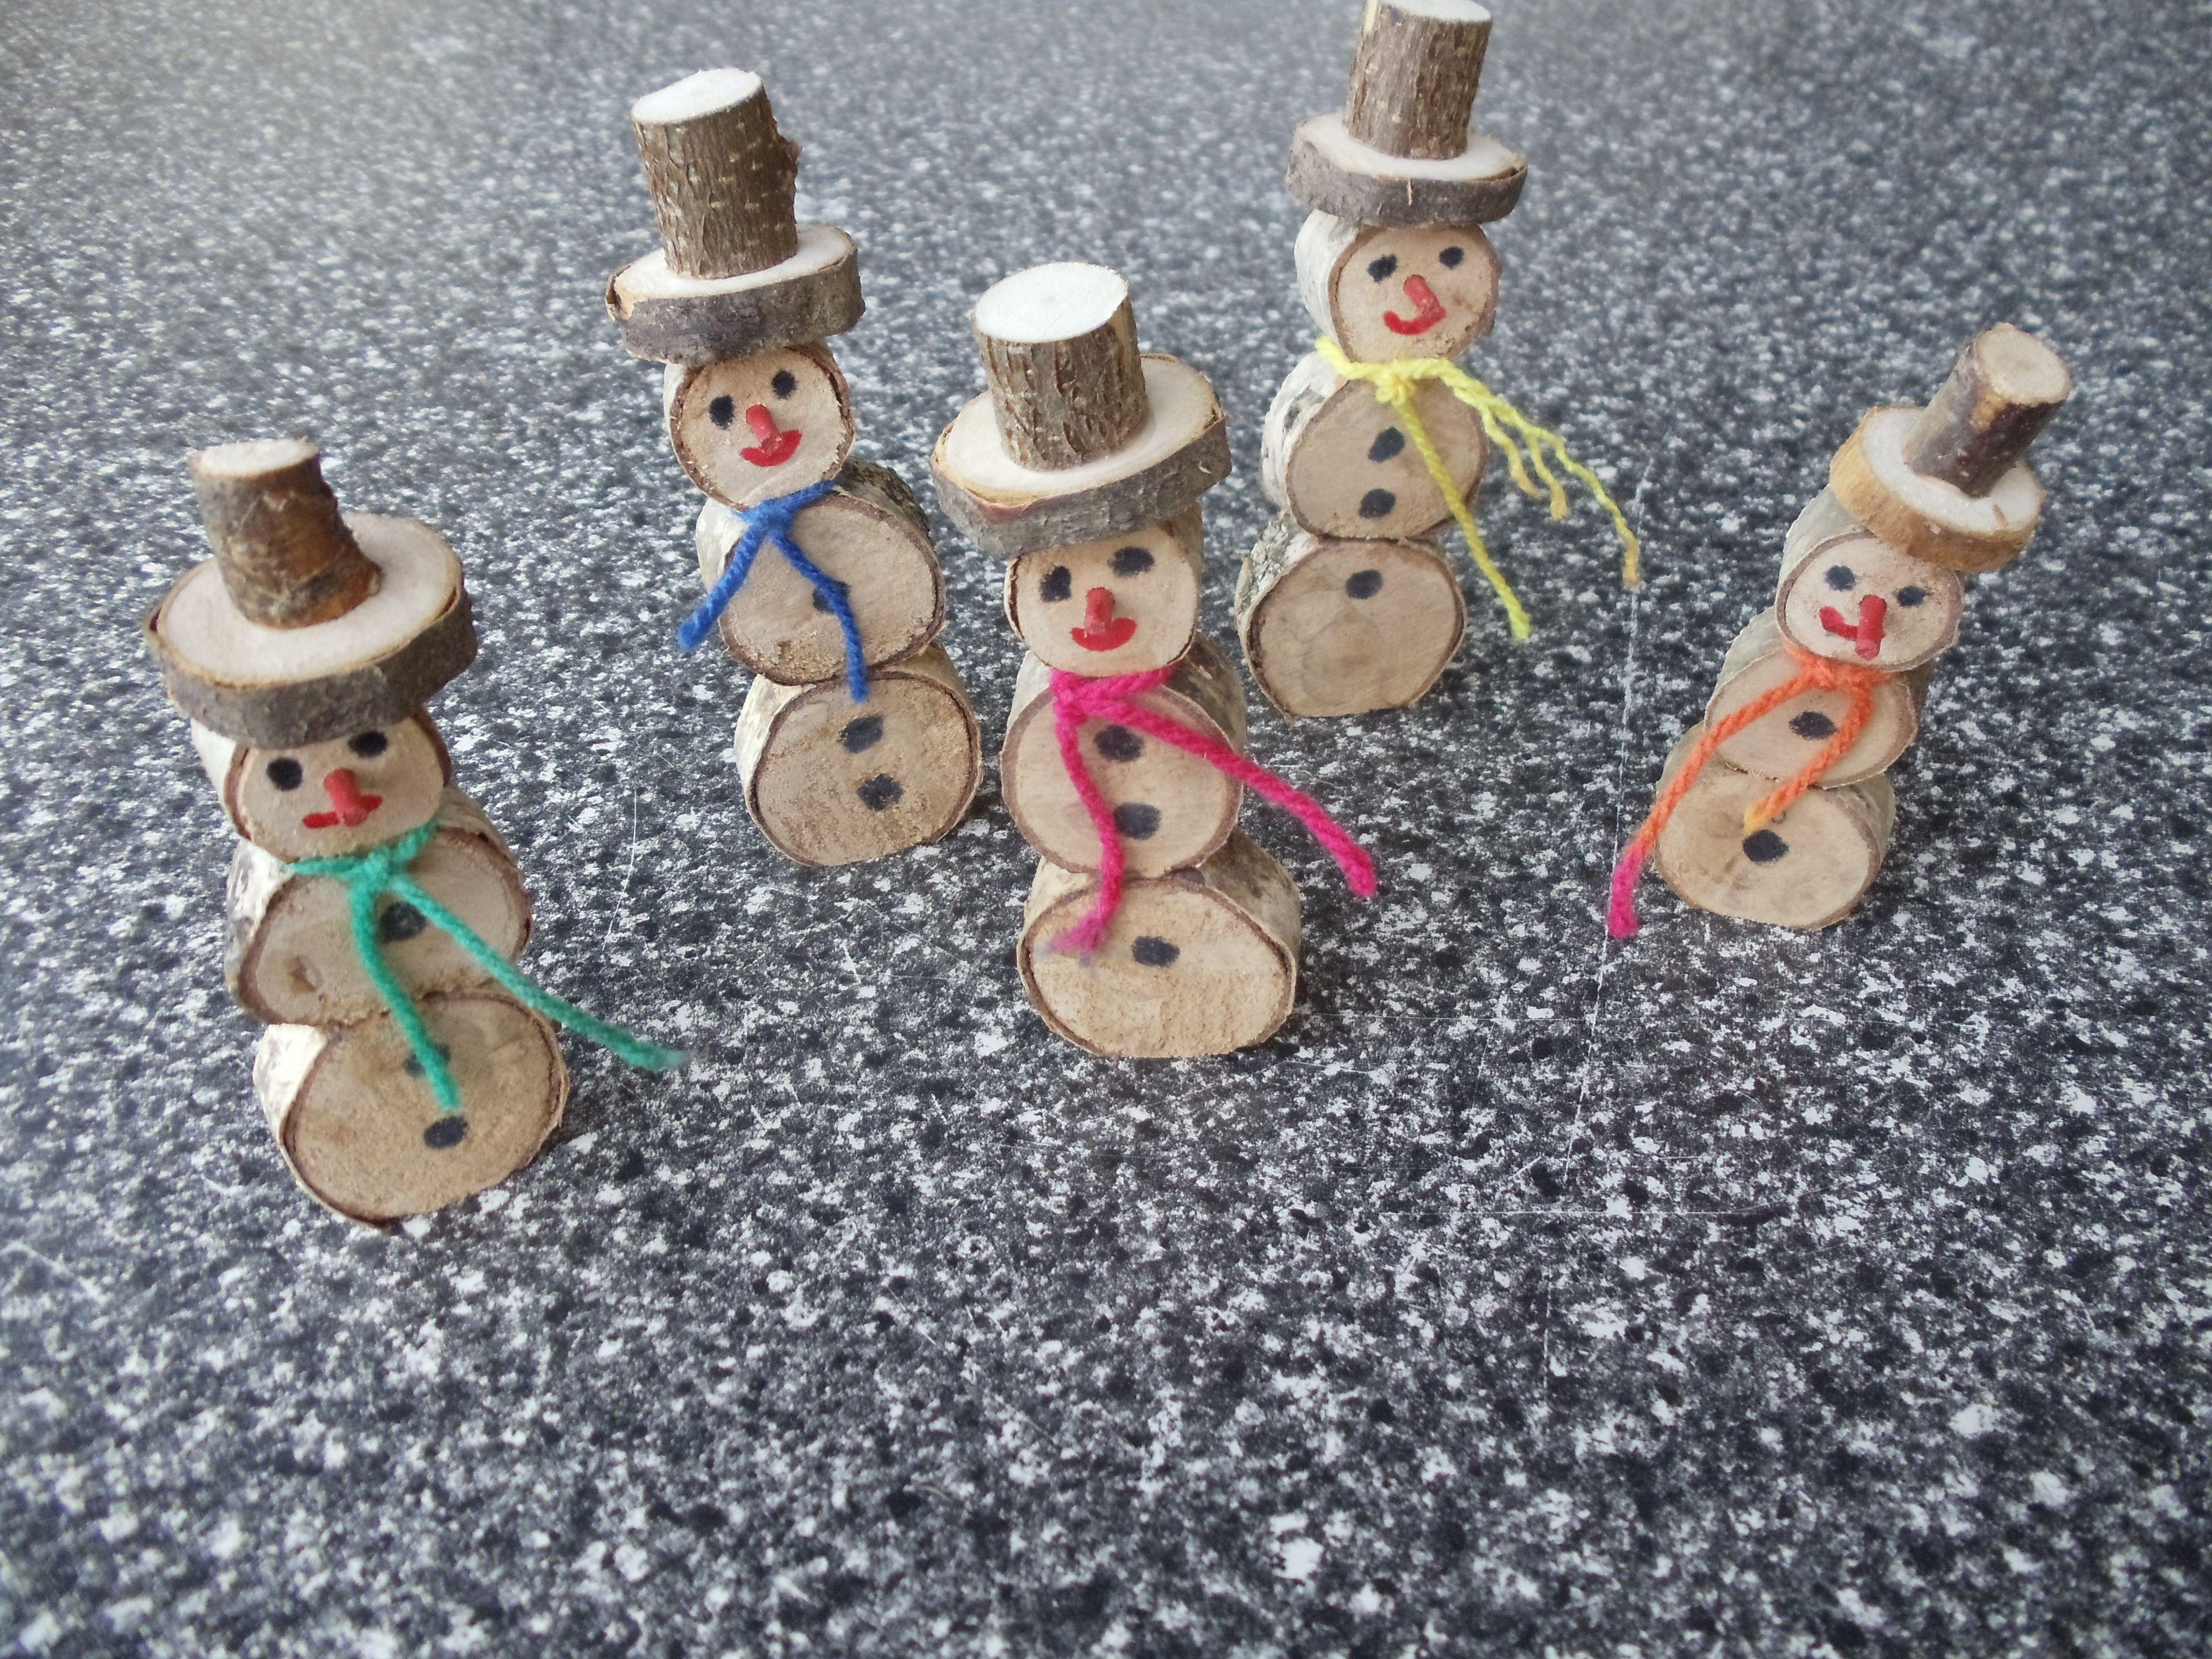 Schneem nner aus birkenscheiben basteln aus holz - Basteln mit birkenholz ...